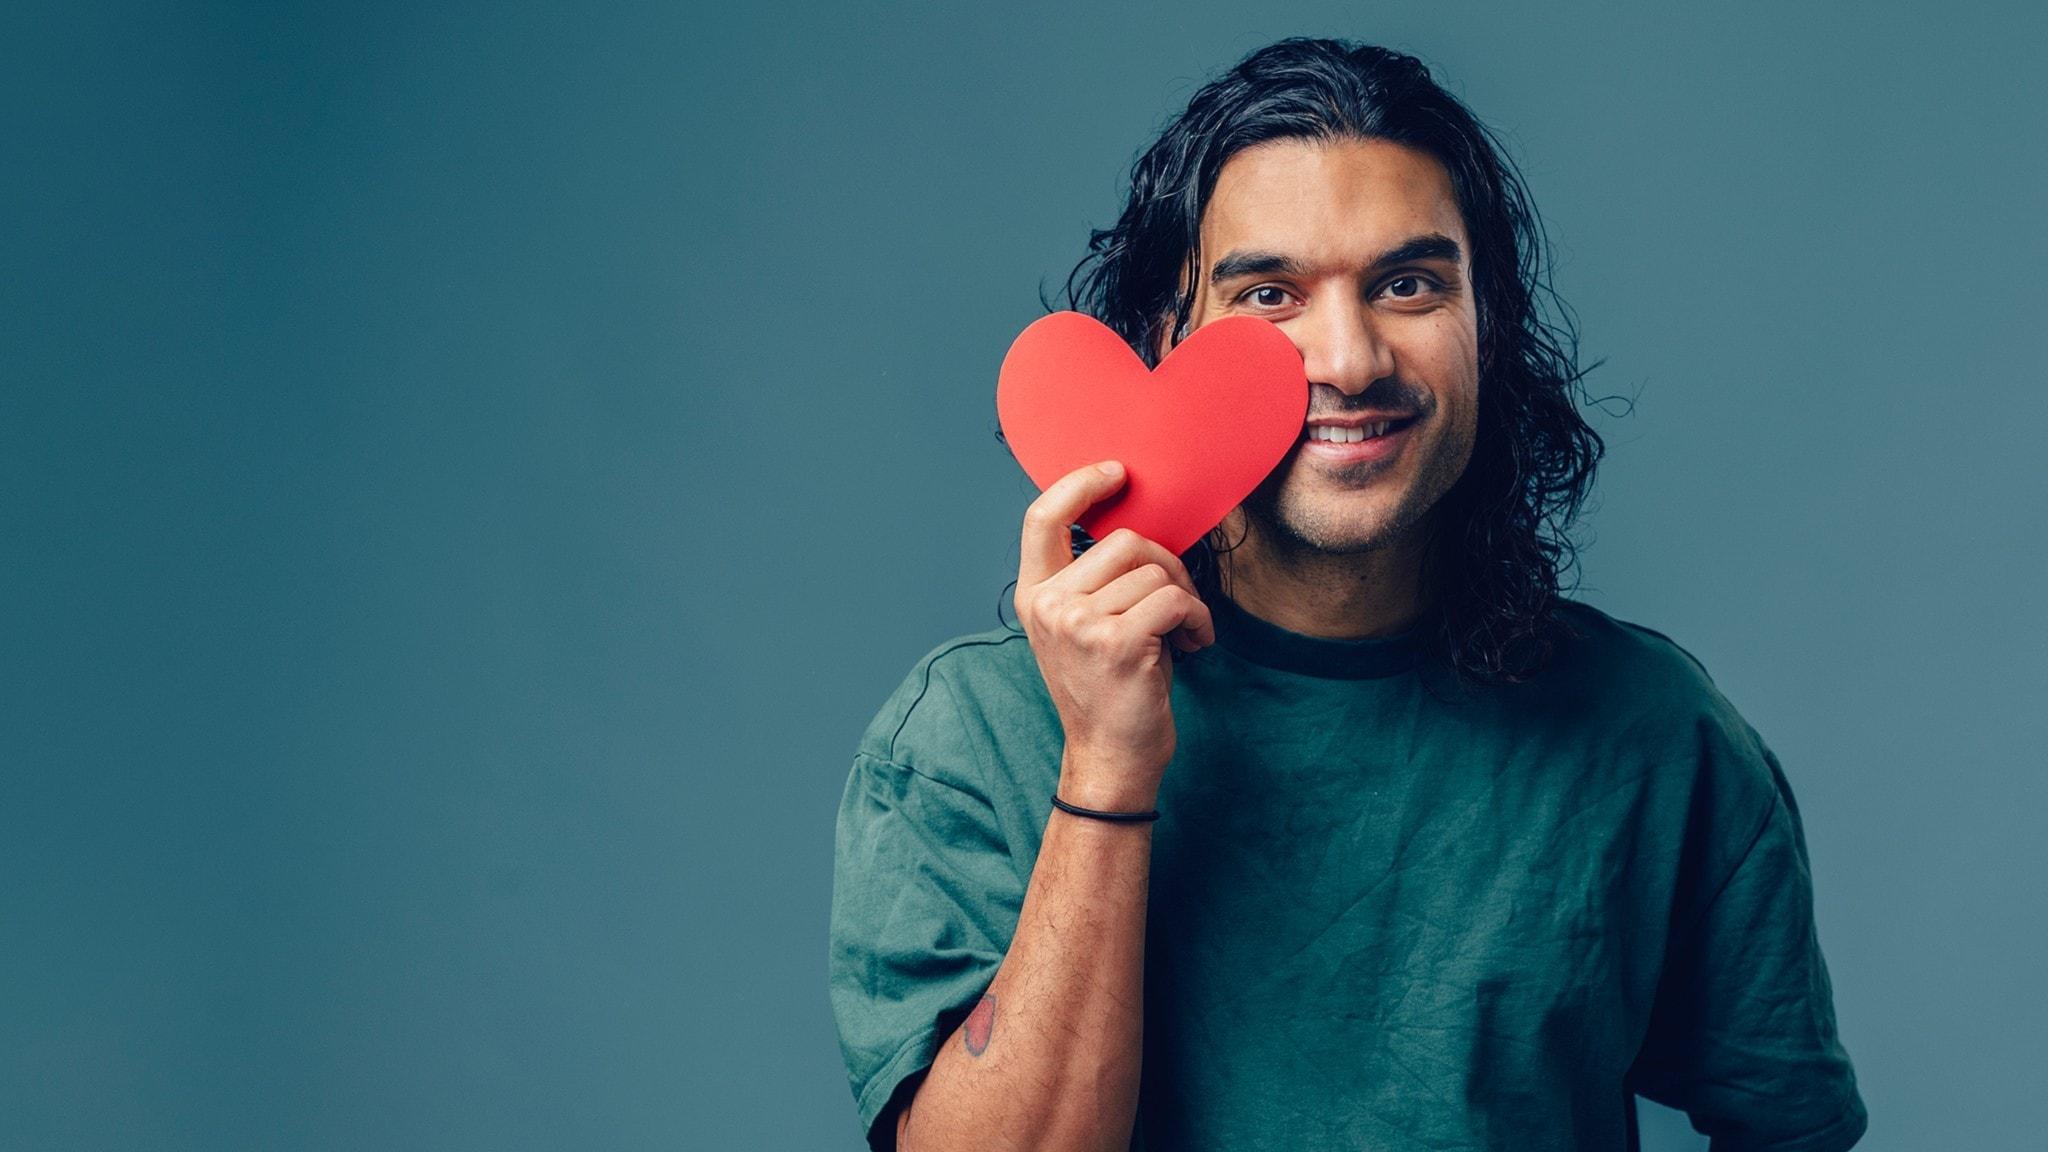 Farzad håller i ett hjärta. Foto: Alexander Donka